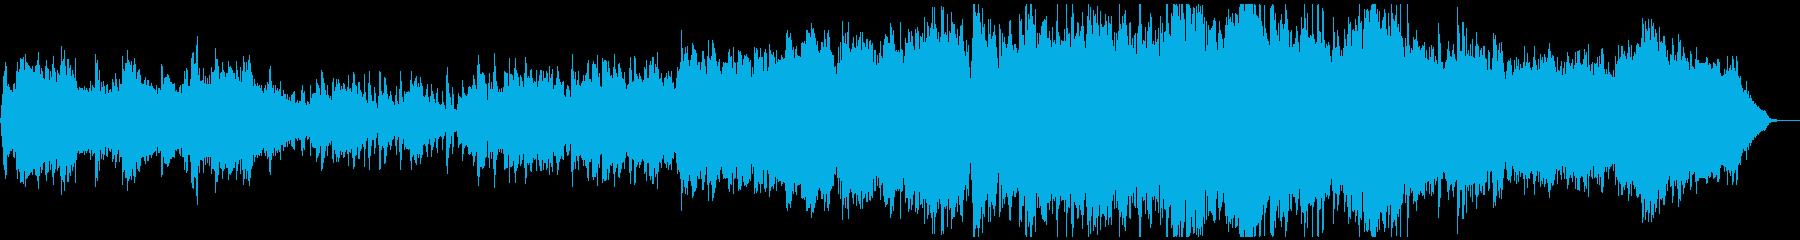 夜の帳が下りるメルヘンチックなBGMの再生済みの波形